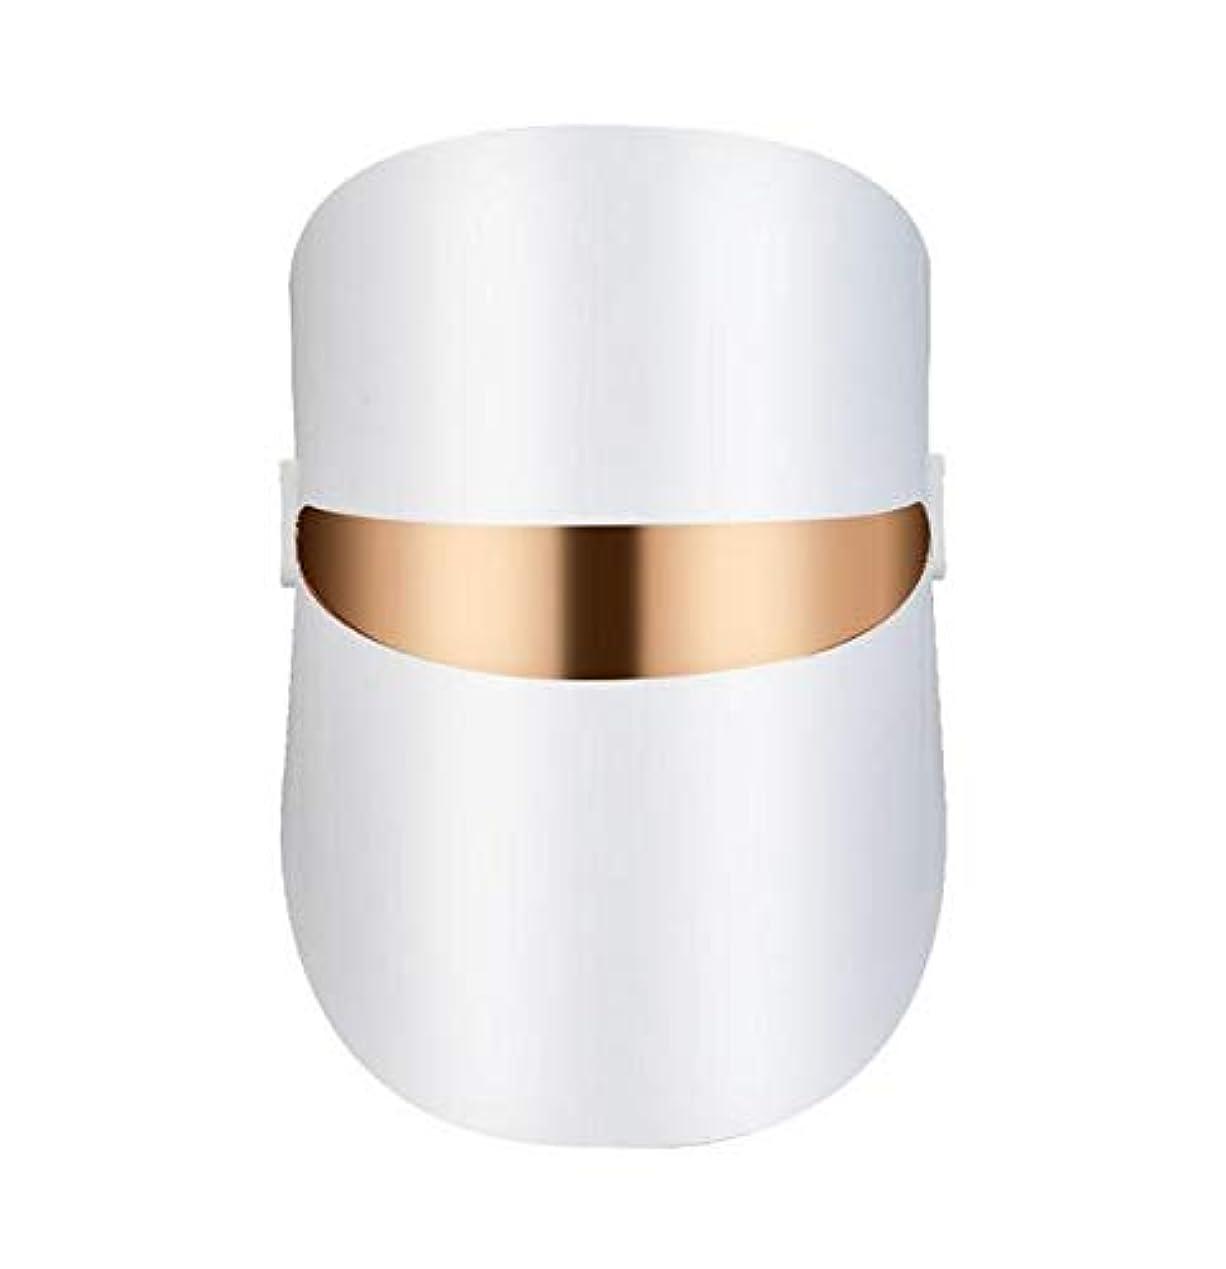 認証バイソンデンプシーLEDマスクフェイシャルケアアンチリンクルマシンにきび除去美容スパデバイス肌の若返りホワイトフェイスマスカー